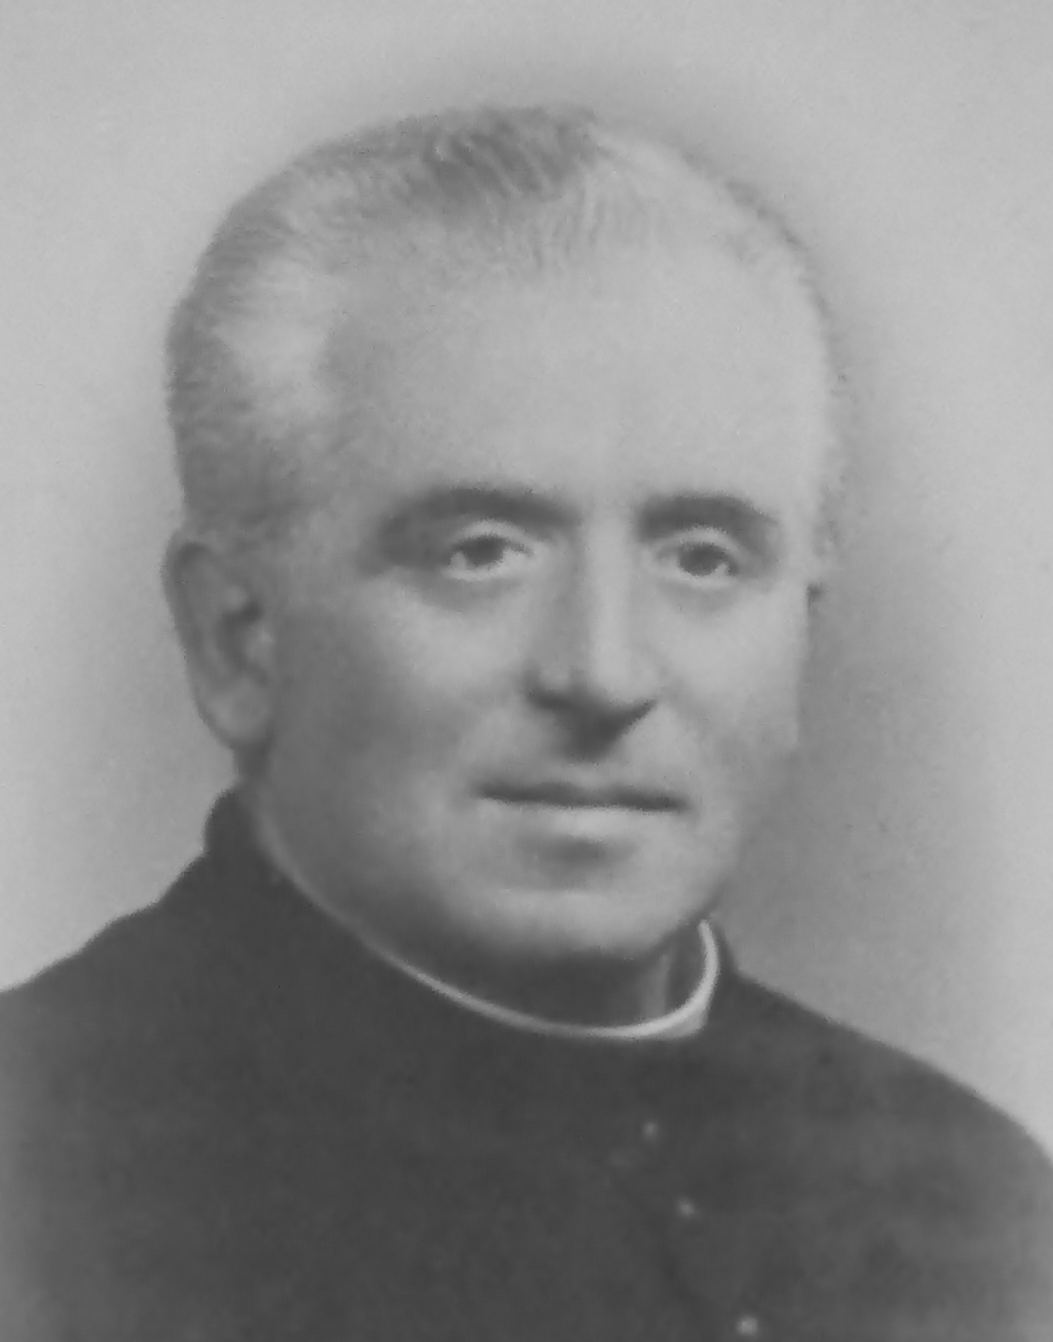 Don Giovanni Tarabolo, parroco di Sala (1880-1945)